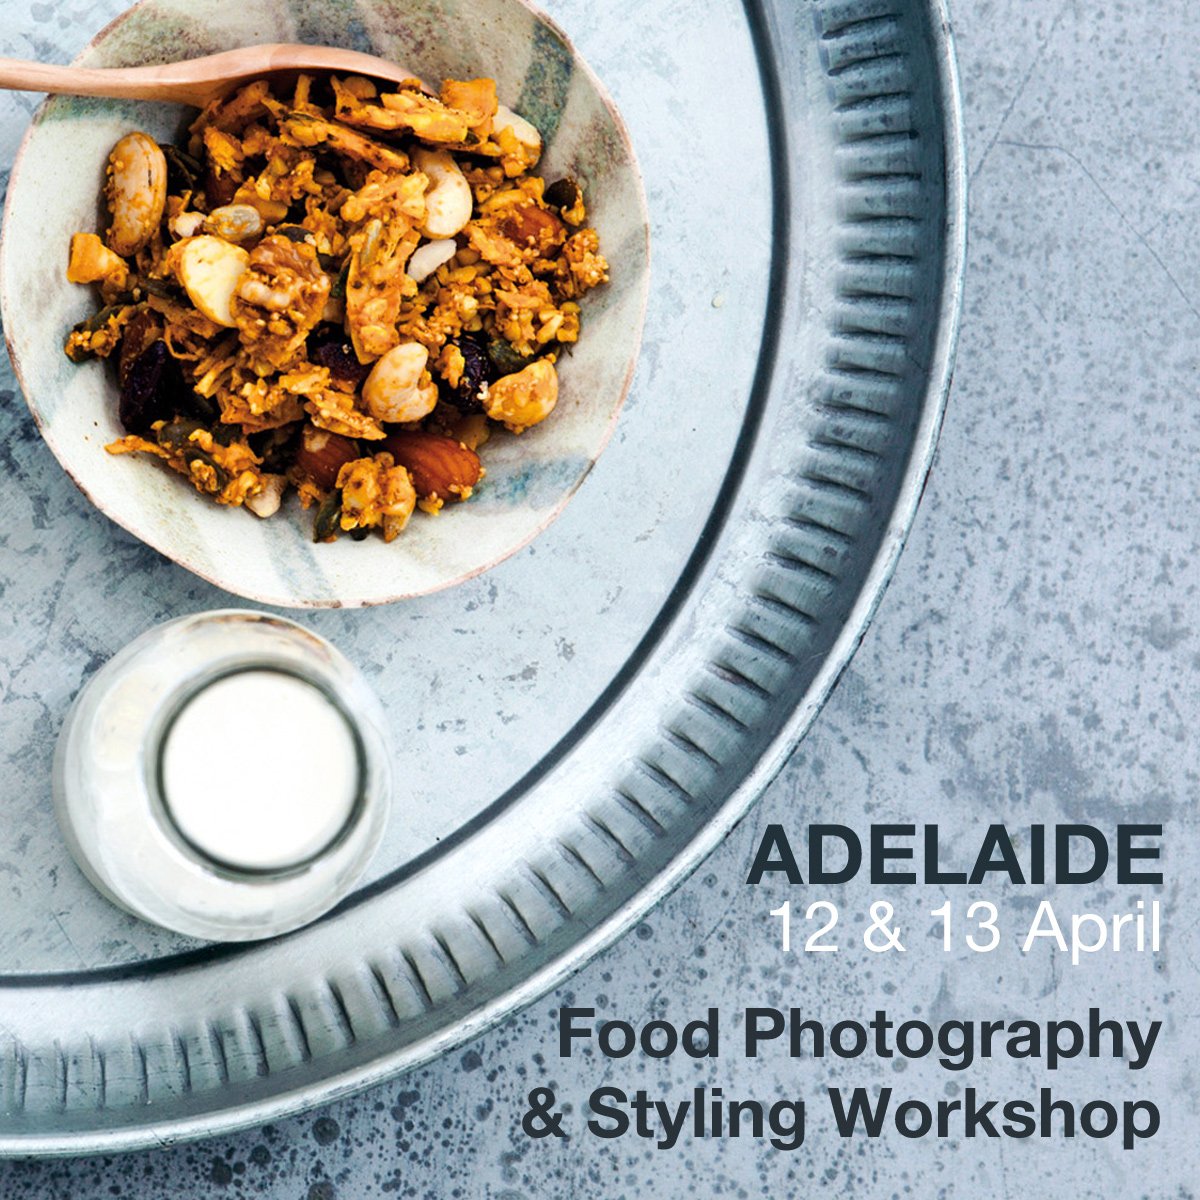 Adelaide_Apr_2019.jpg